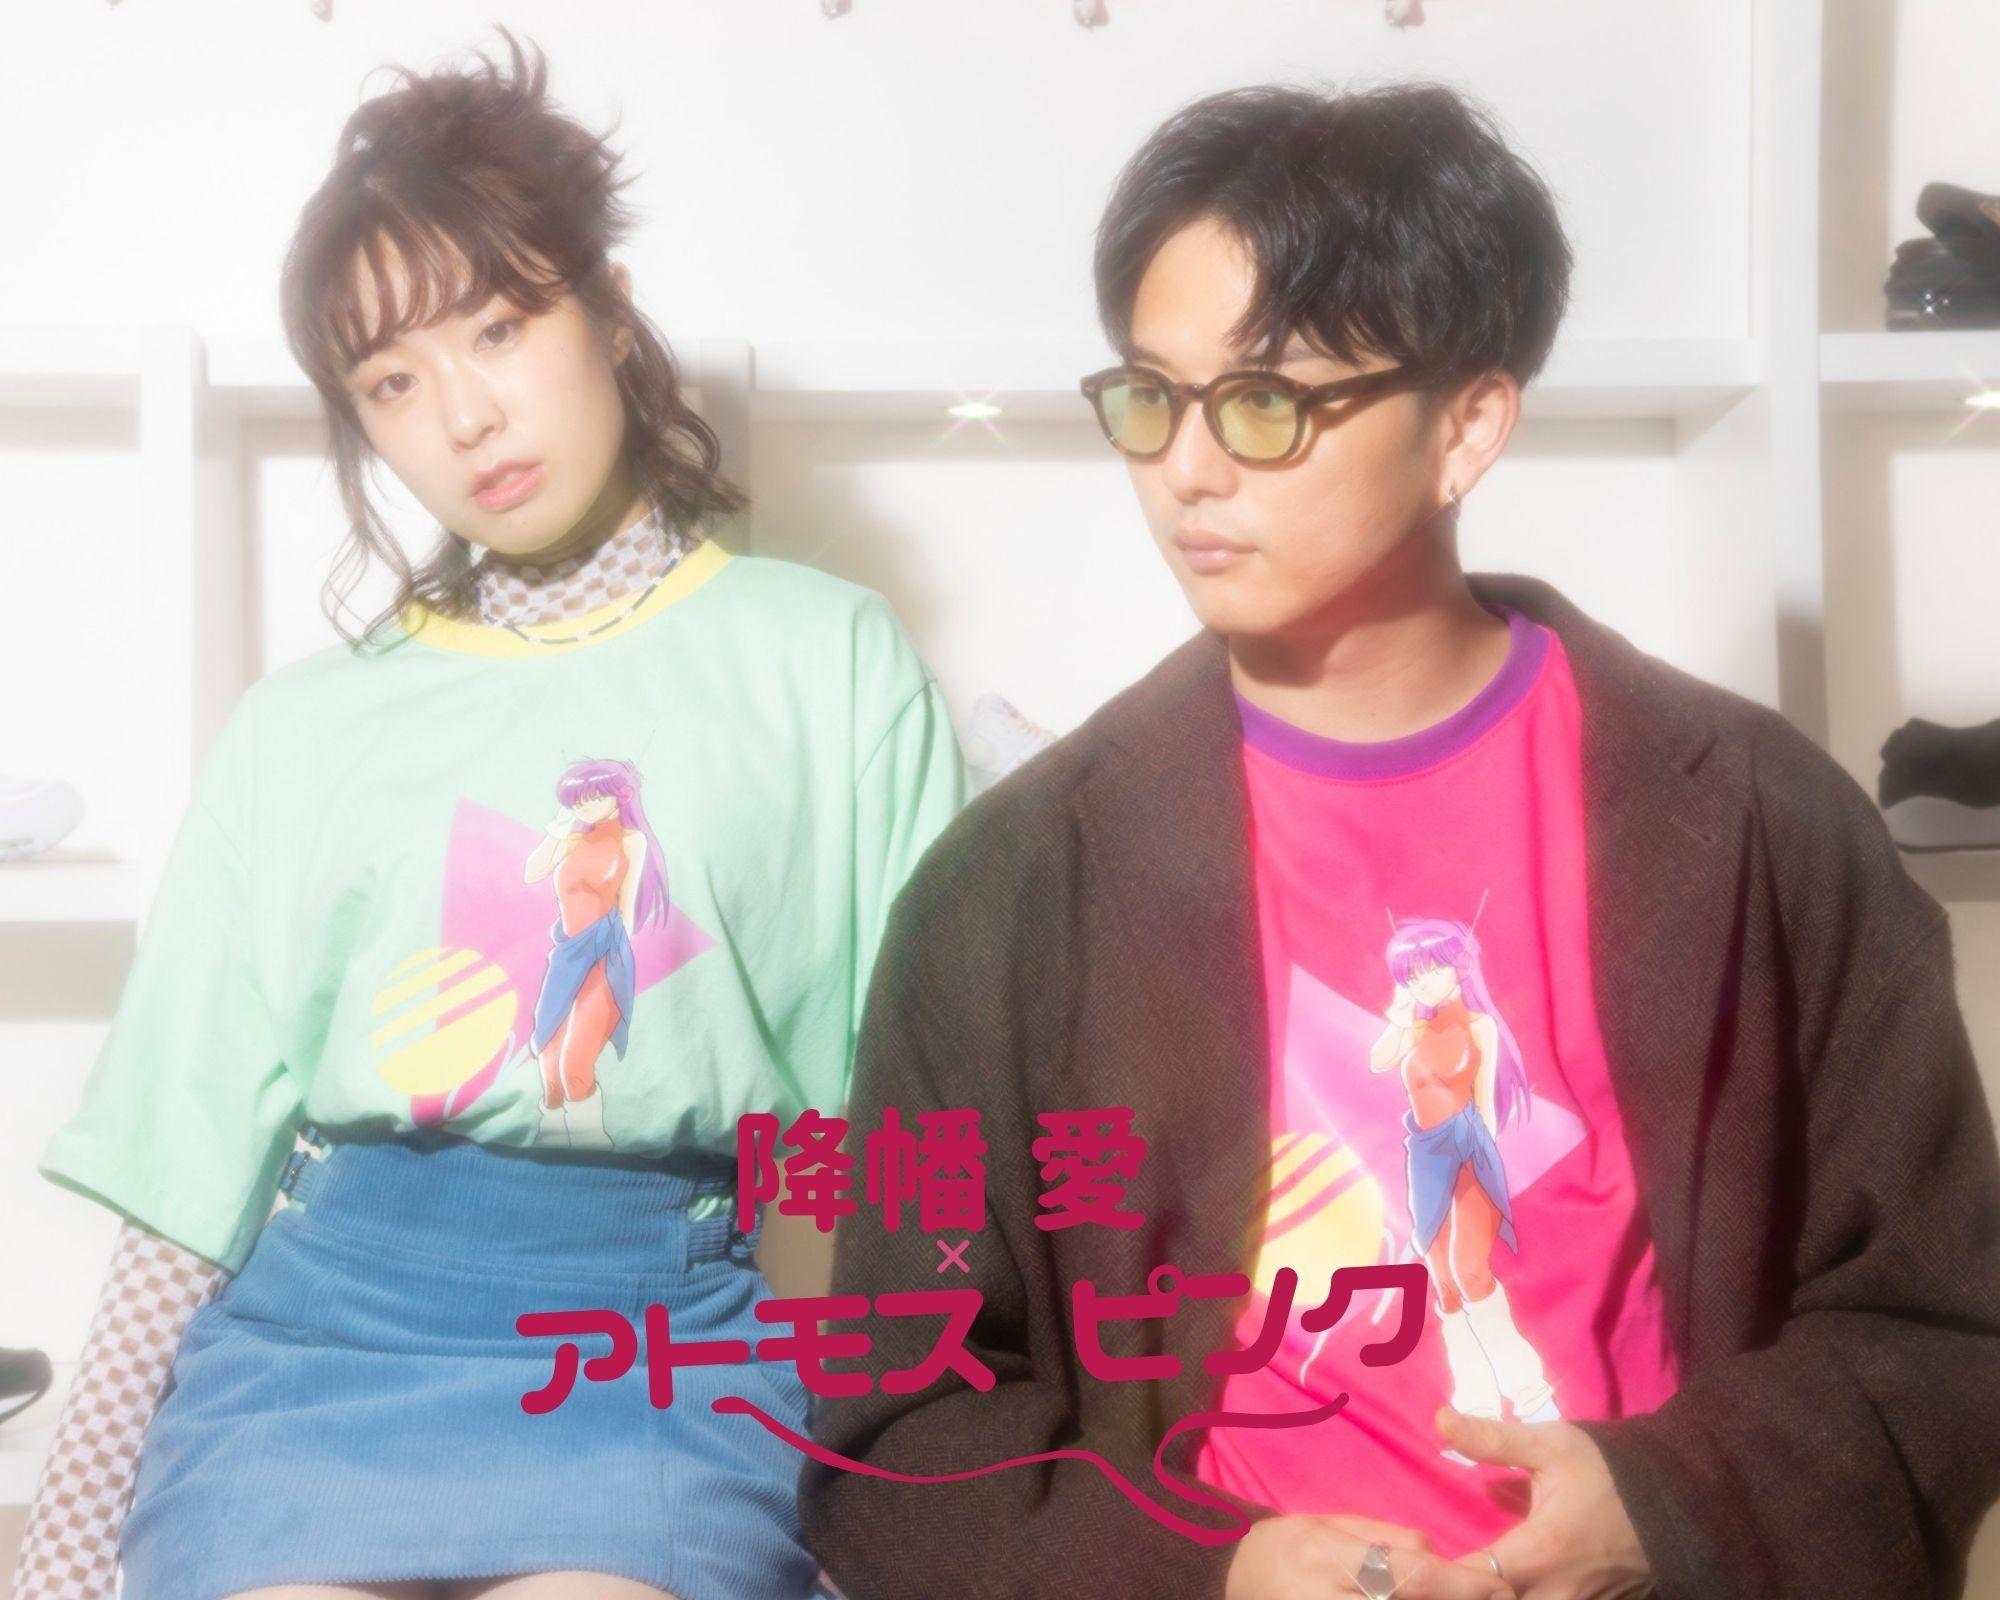 降幡 愛×atmos pinkコラボ